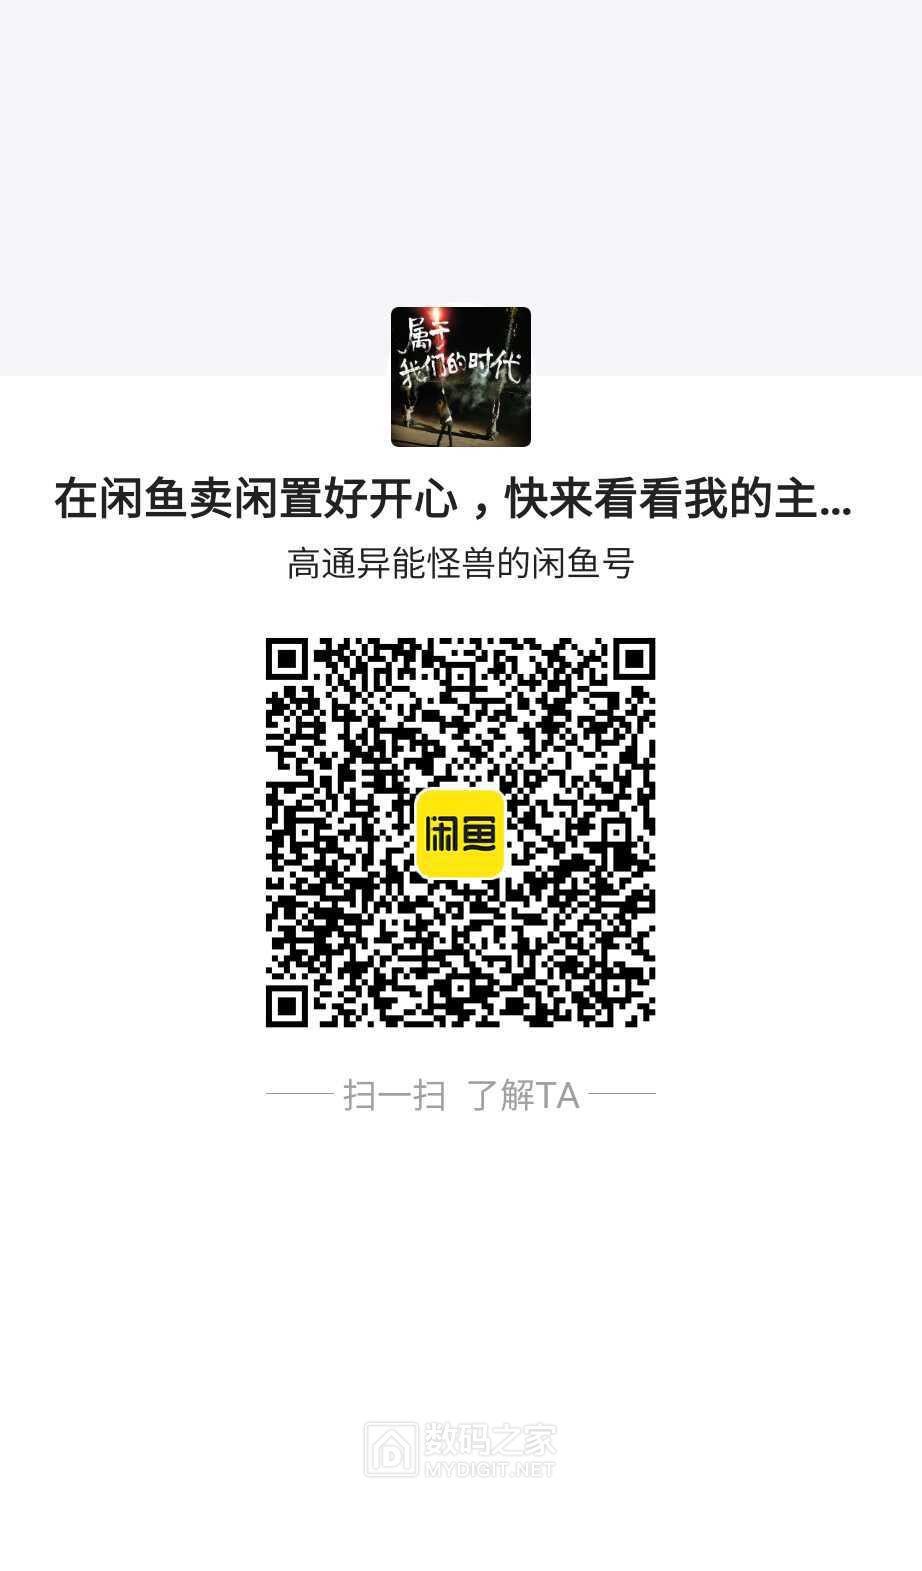 1620880644129.jpg